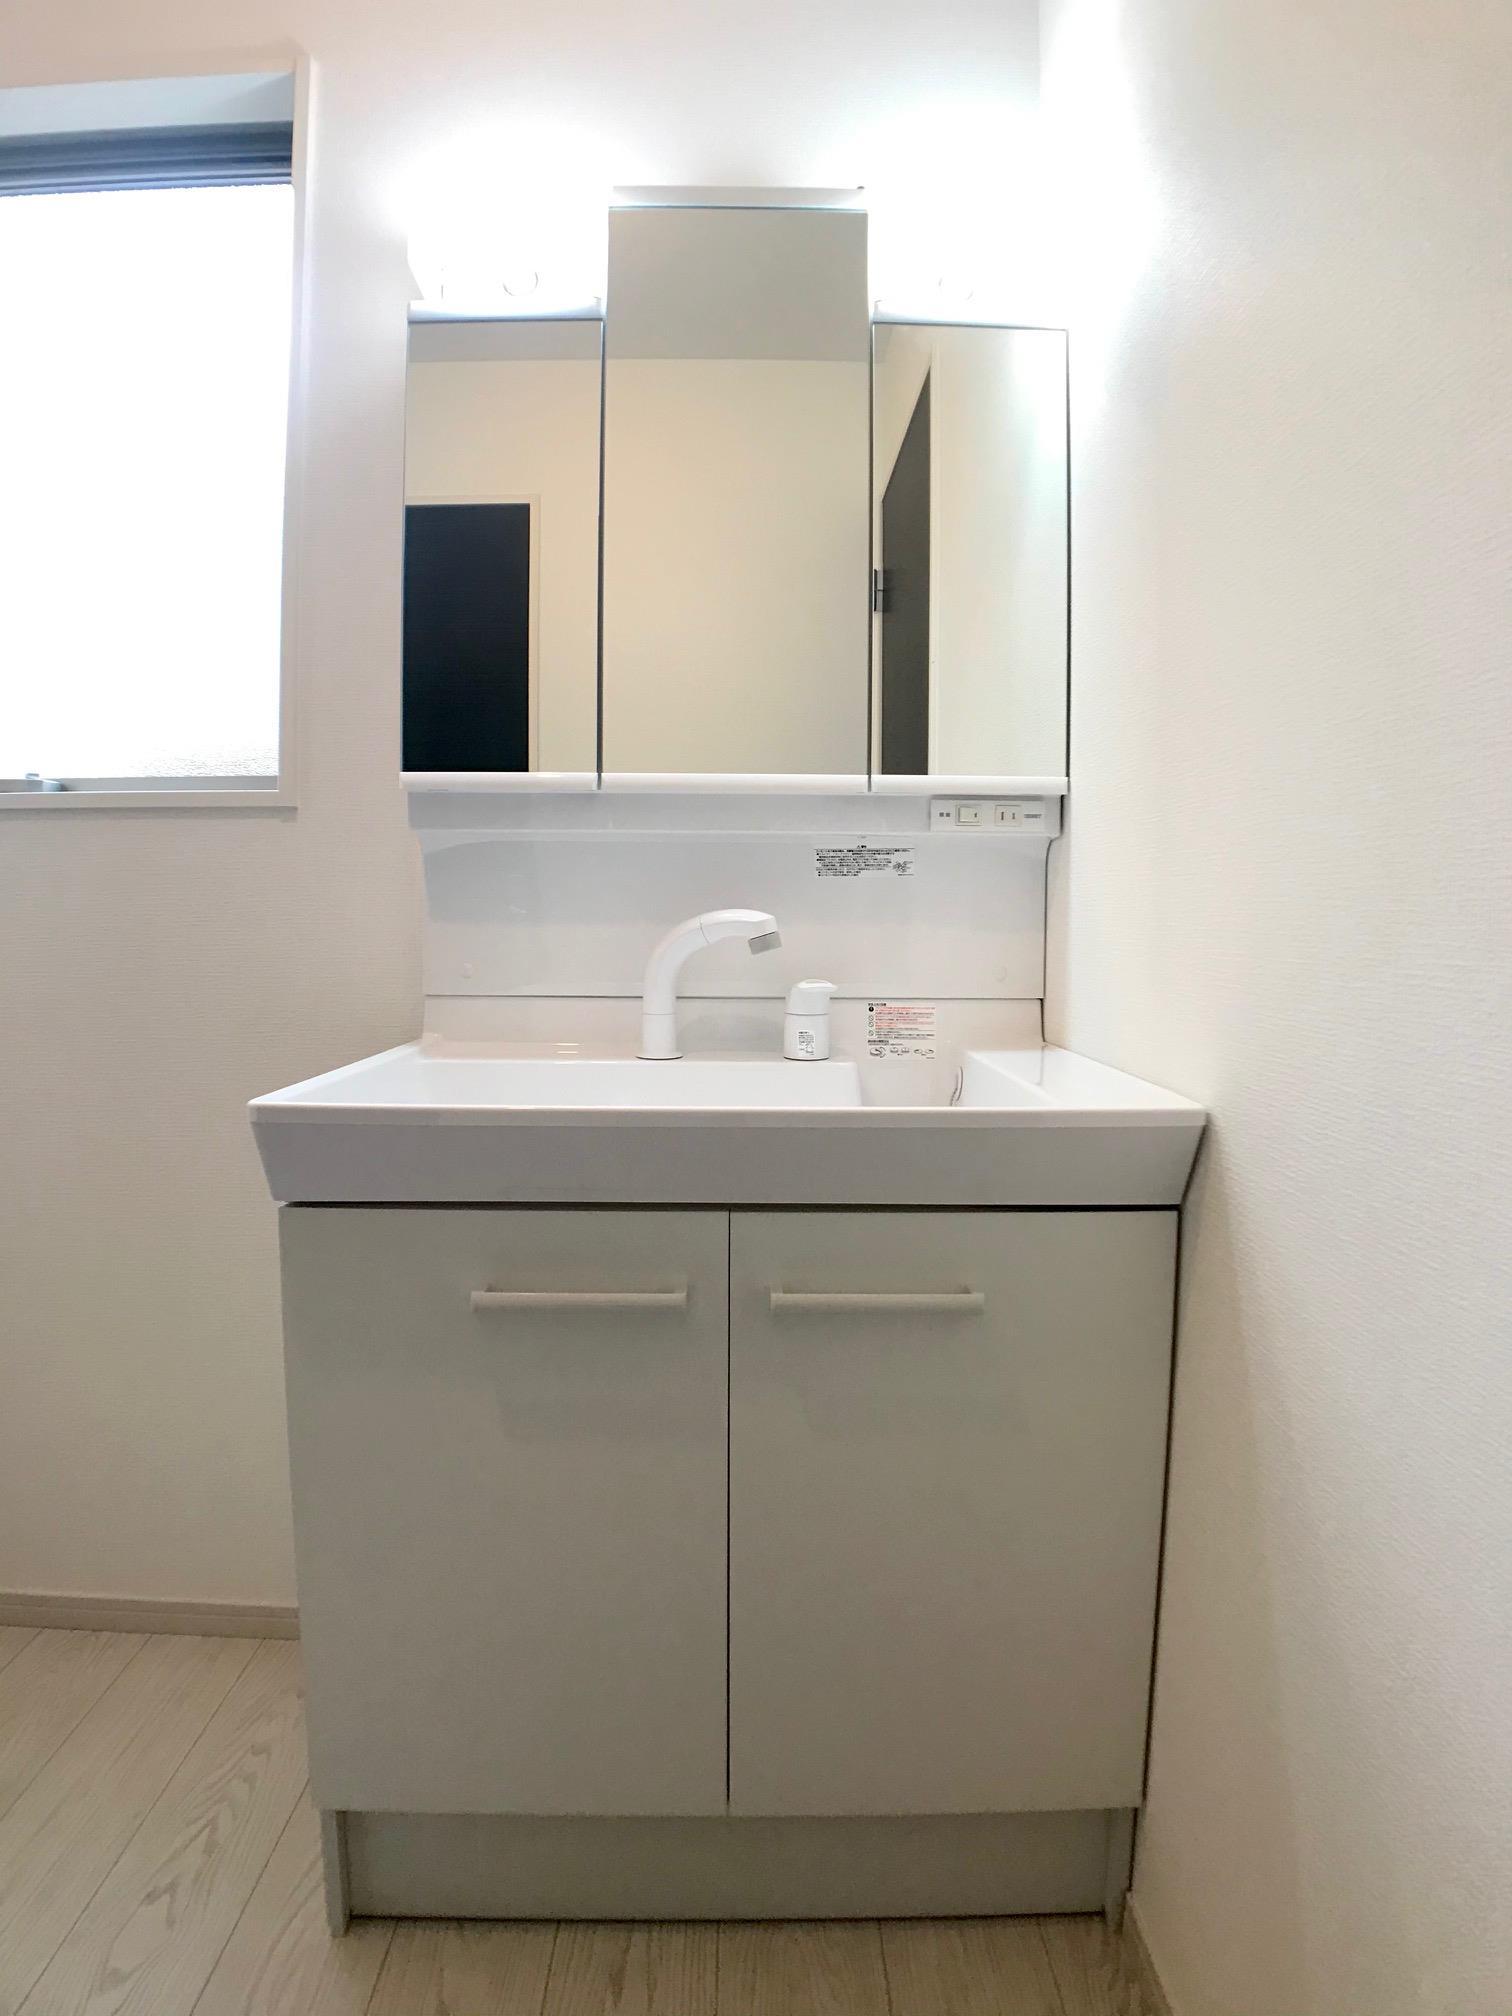 洗面台・洗面所三面鏡の鏡は収納豊富です。鏡の裏側にも、足元の扉も収納スペースになっています。タオルや洗剤、お風呂の掃除用具など生活感を感じさせることなく収納できます。